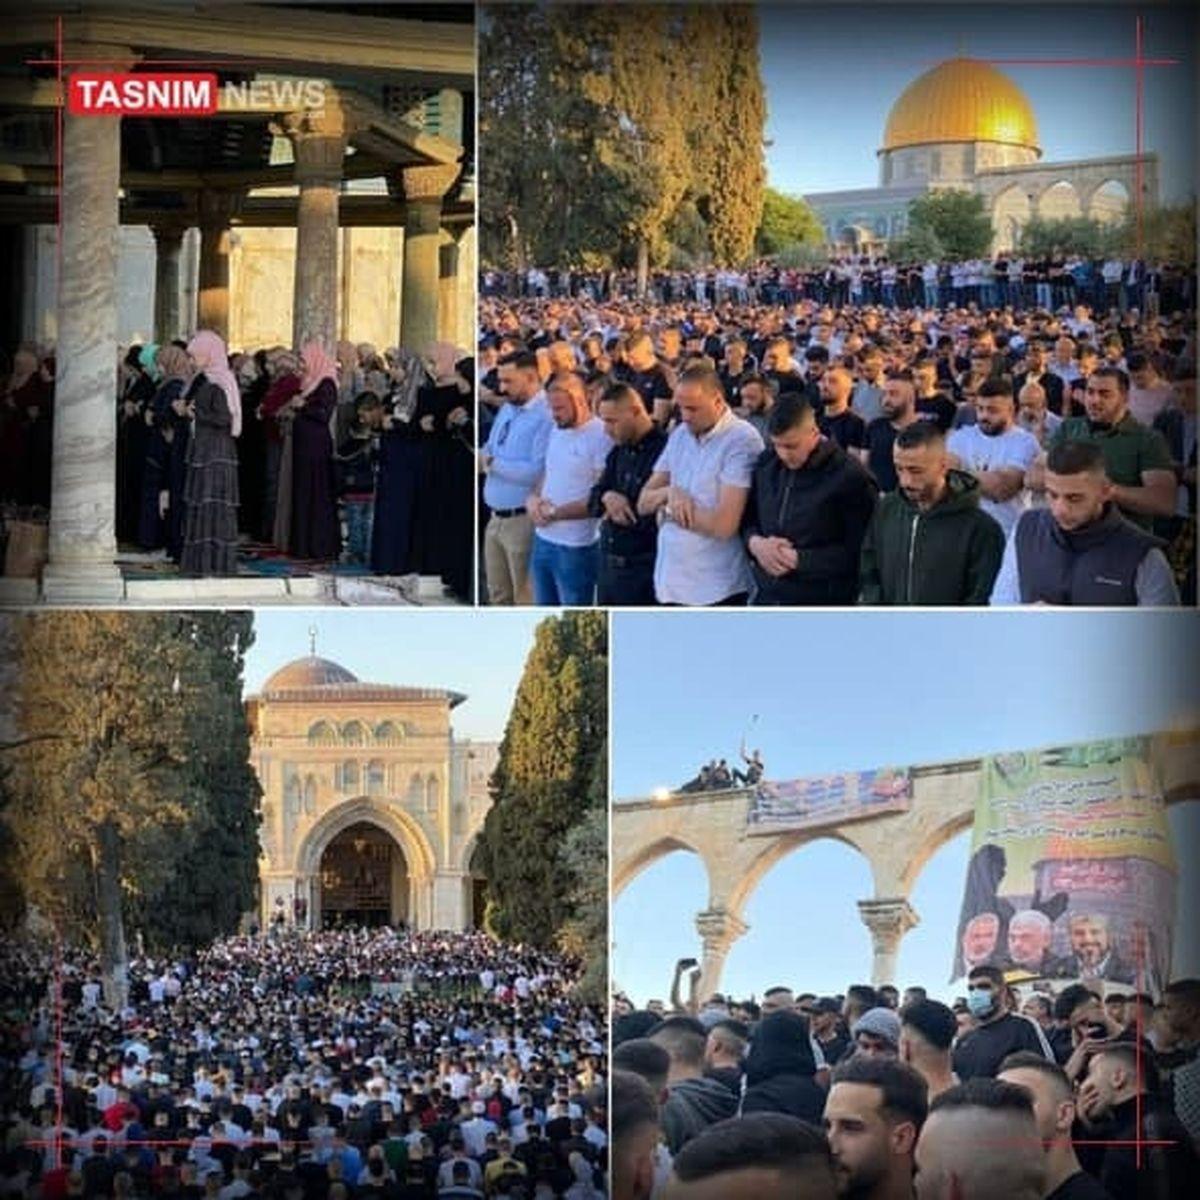 عکس:اقامه نماز عید فطر در مسجدالاقصی